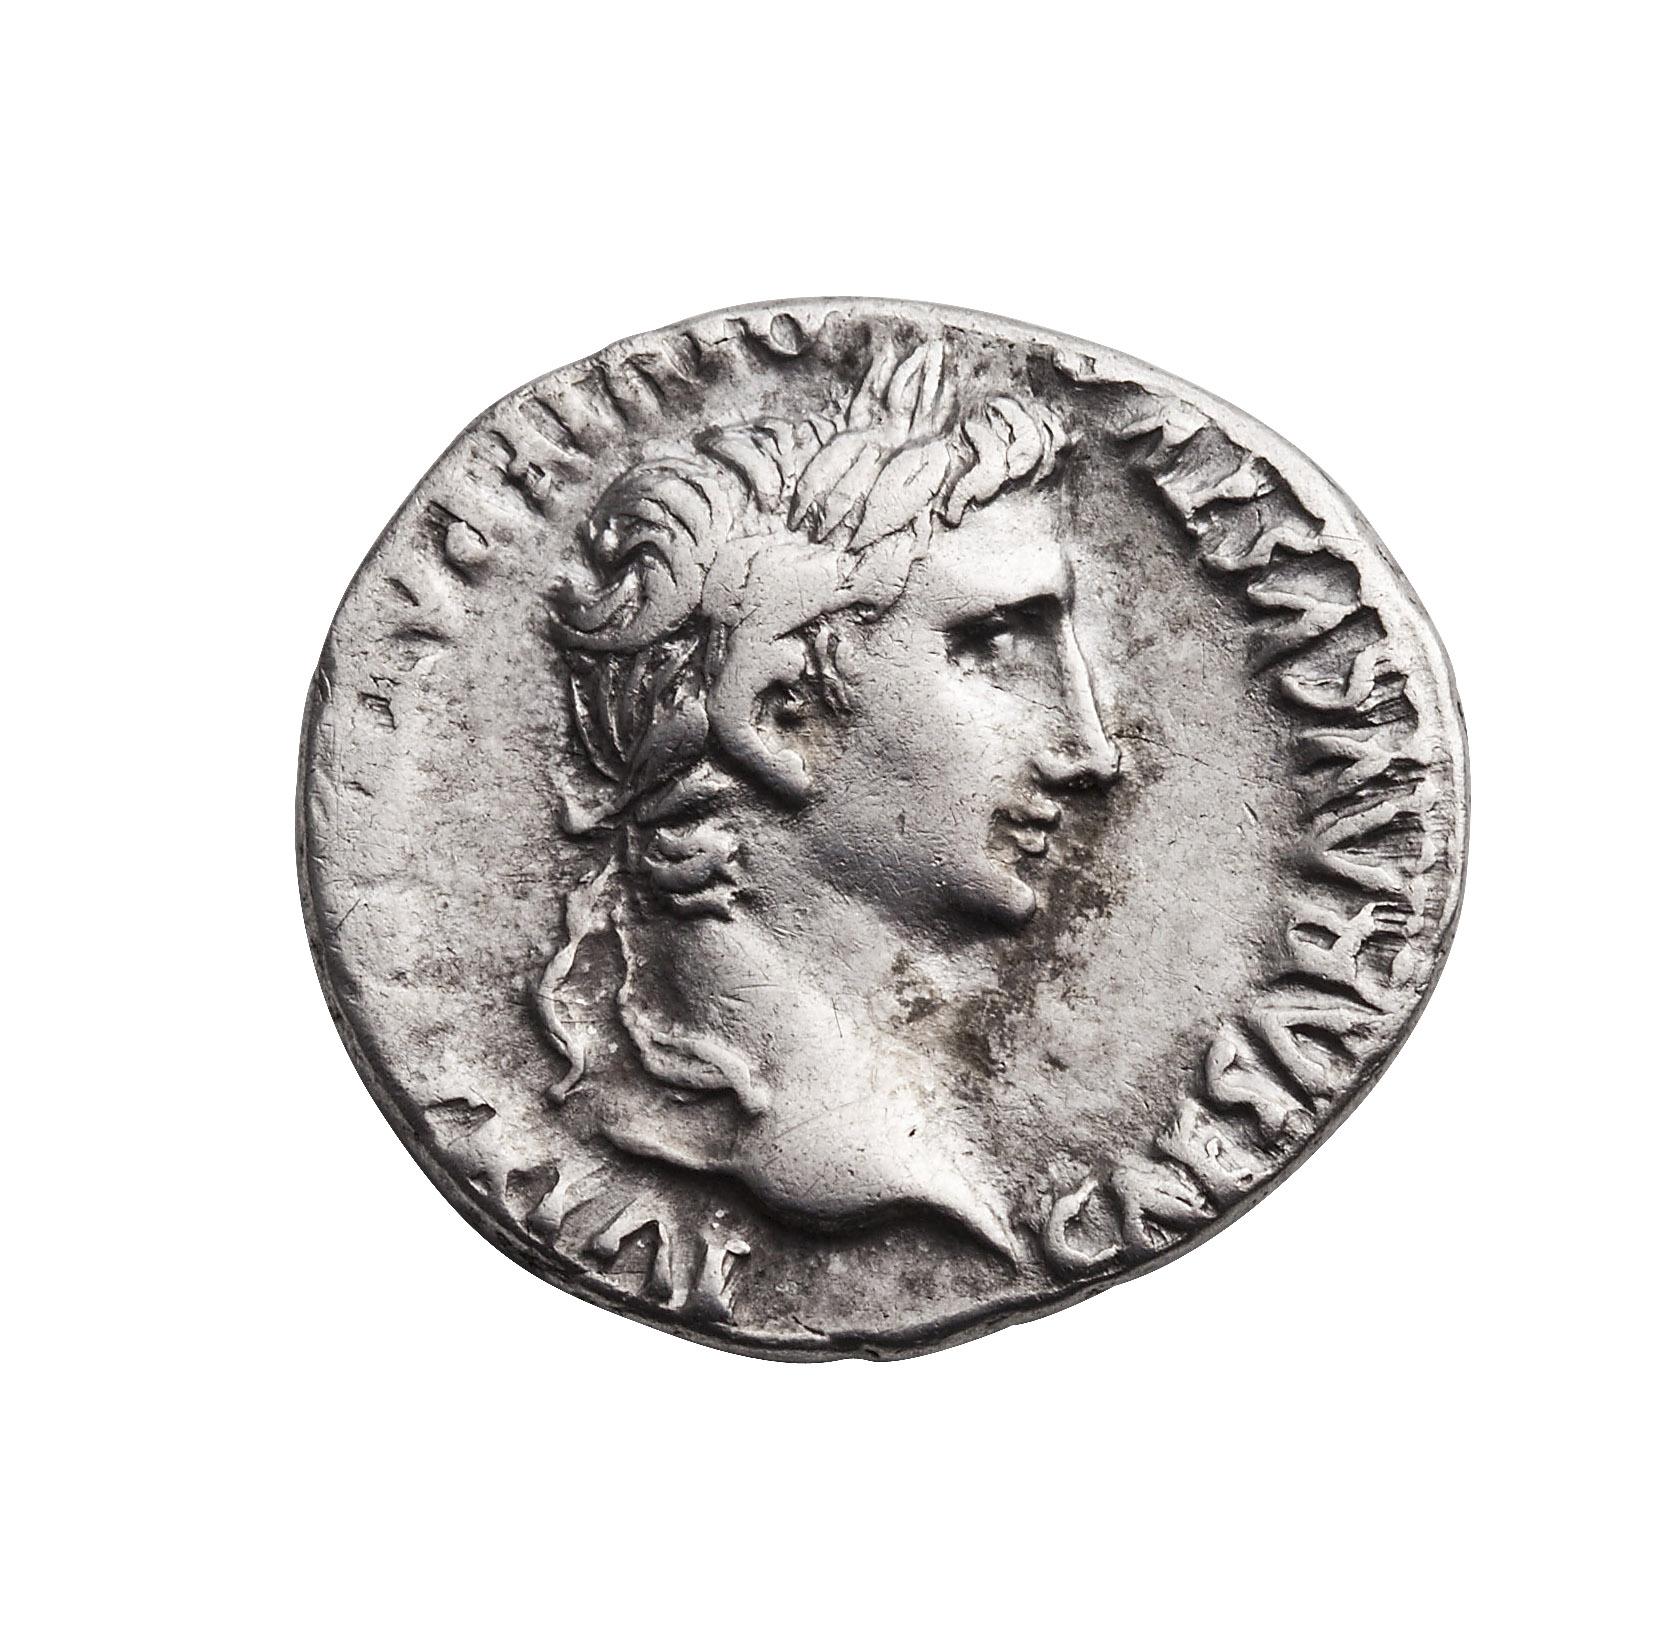 Augustus denarius i sølv. Augustus likte å framstå som ung på romerske mynter, statuer og portretter, og på dette bildet ser han ut som om han er 40 år yngre enn han egentlig er.